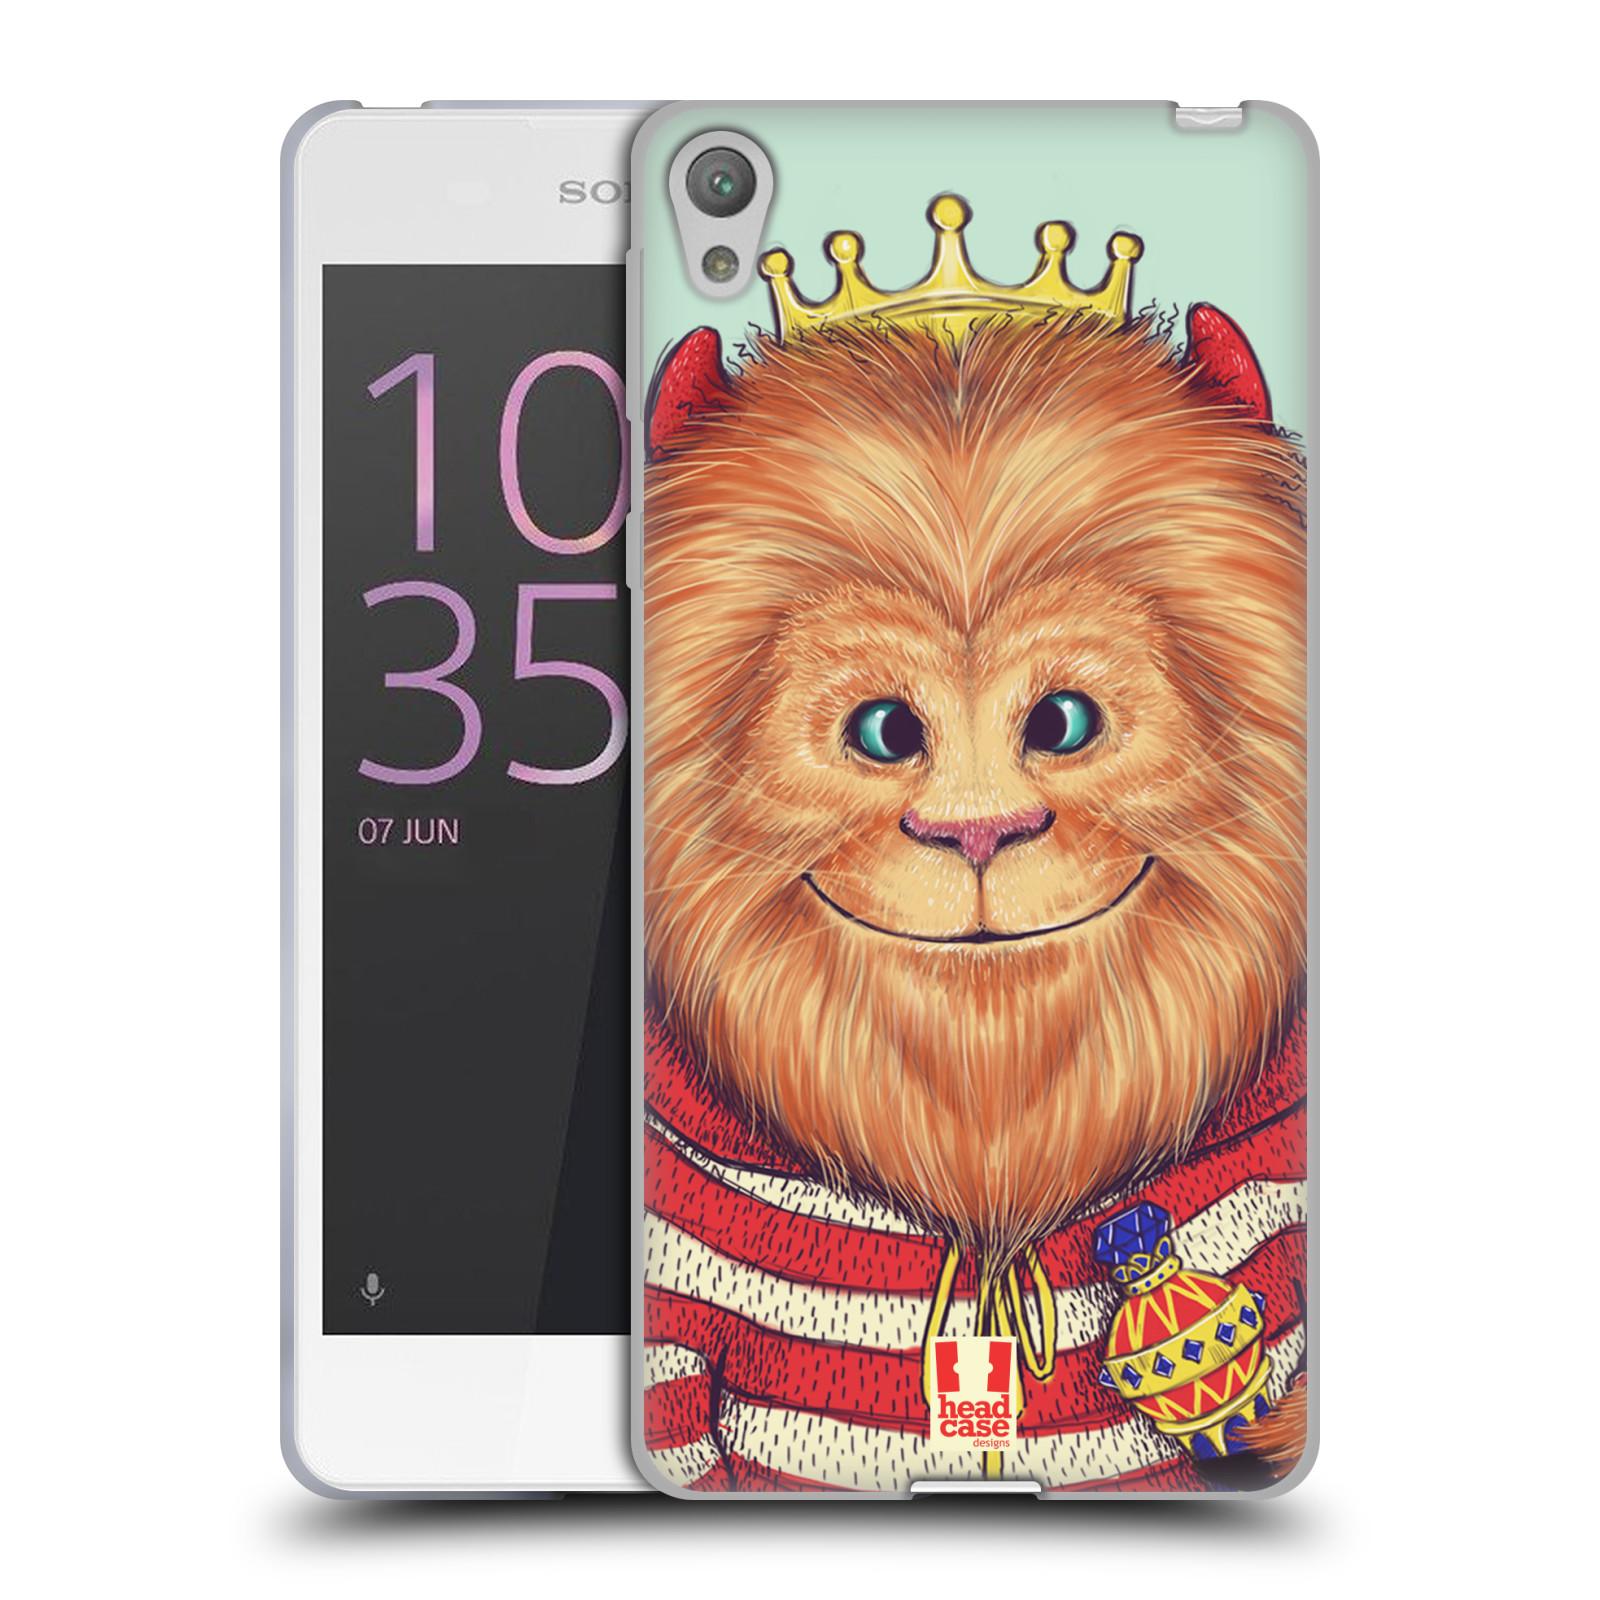 HEAD CASE silikonový obal na mobil SONY XPERIA E5 vzor Kreslená zvířátka lev